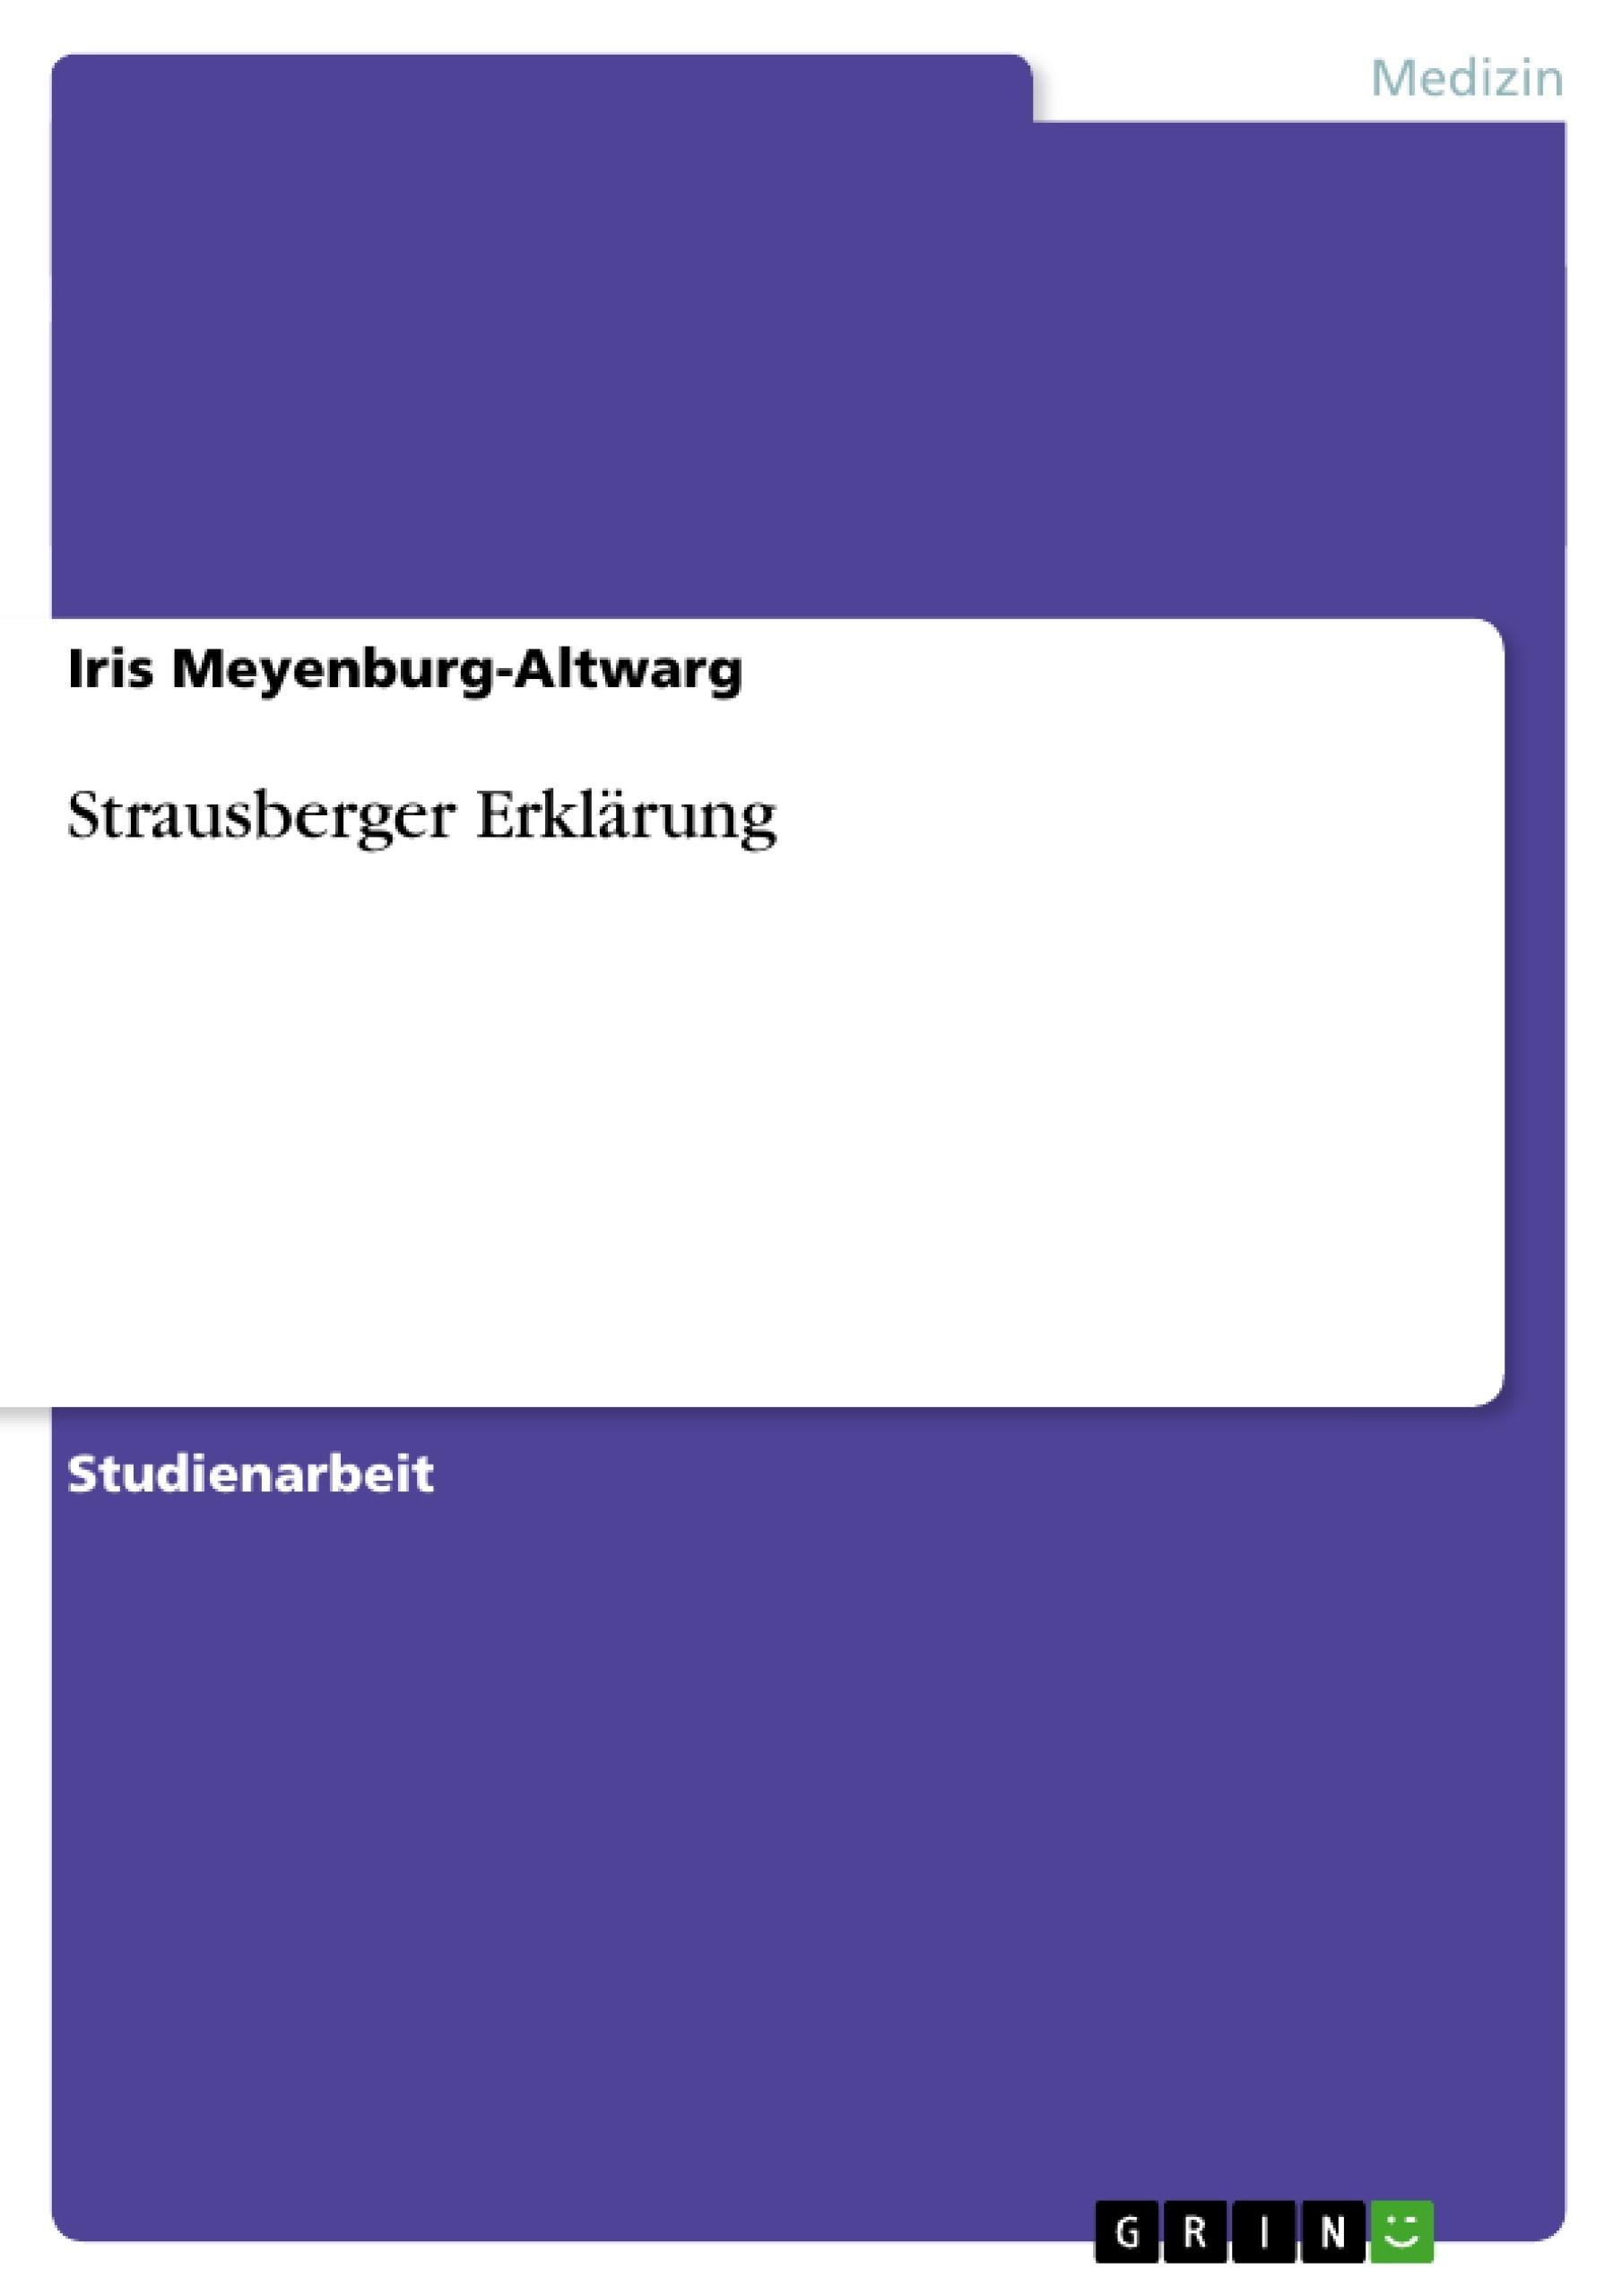 Titel: Strausberger Erklärung